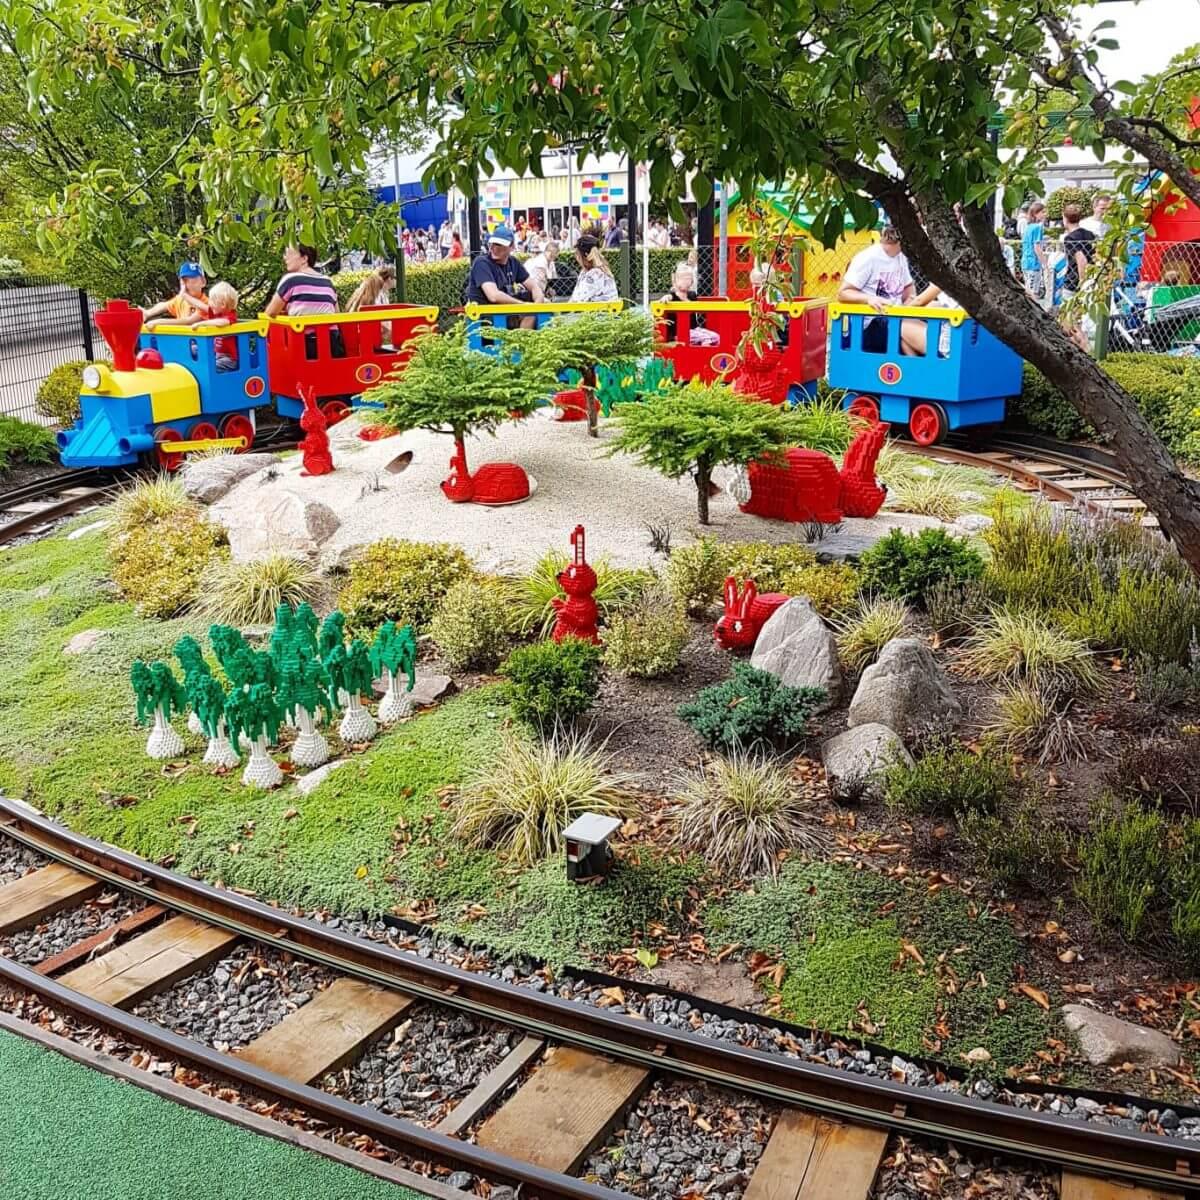 Legoland met kinderen: alles wat je wil weten, DUPLO Land DUPLO Express trein #leukmetkids #legoland #Denemarken #kinderen